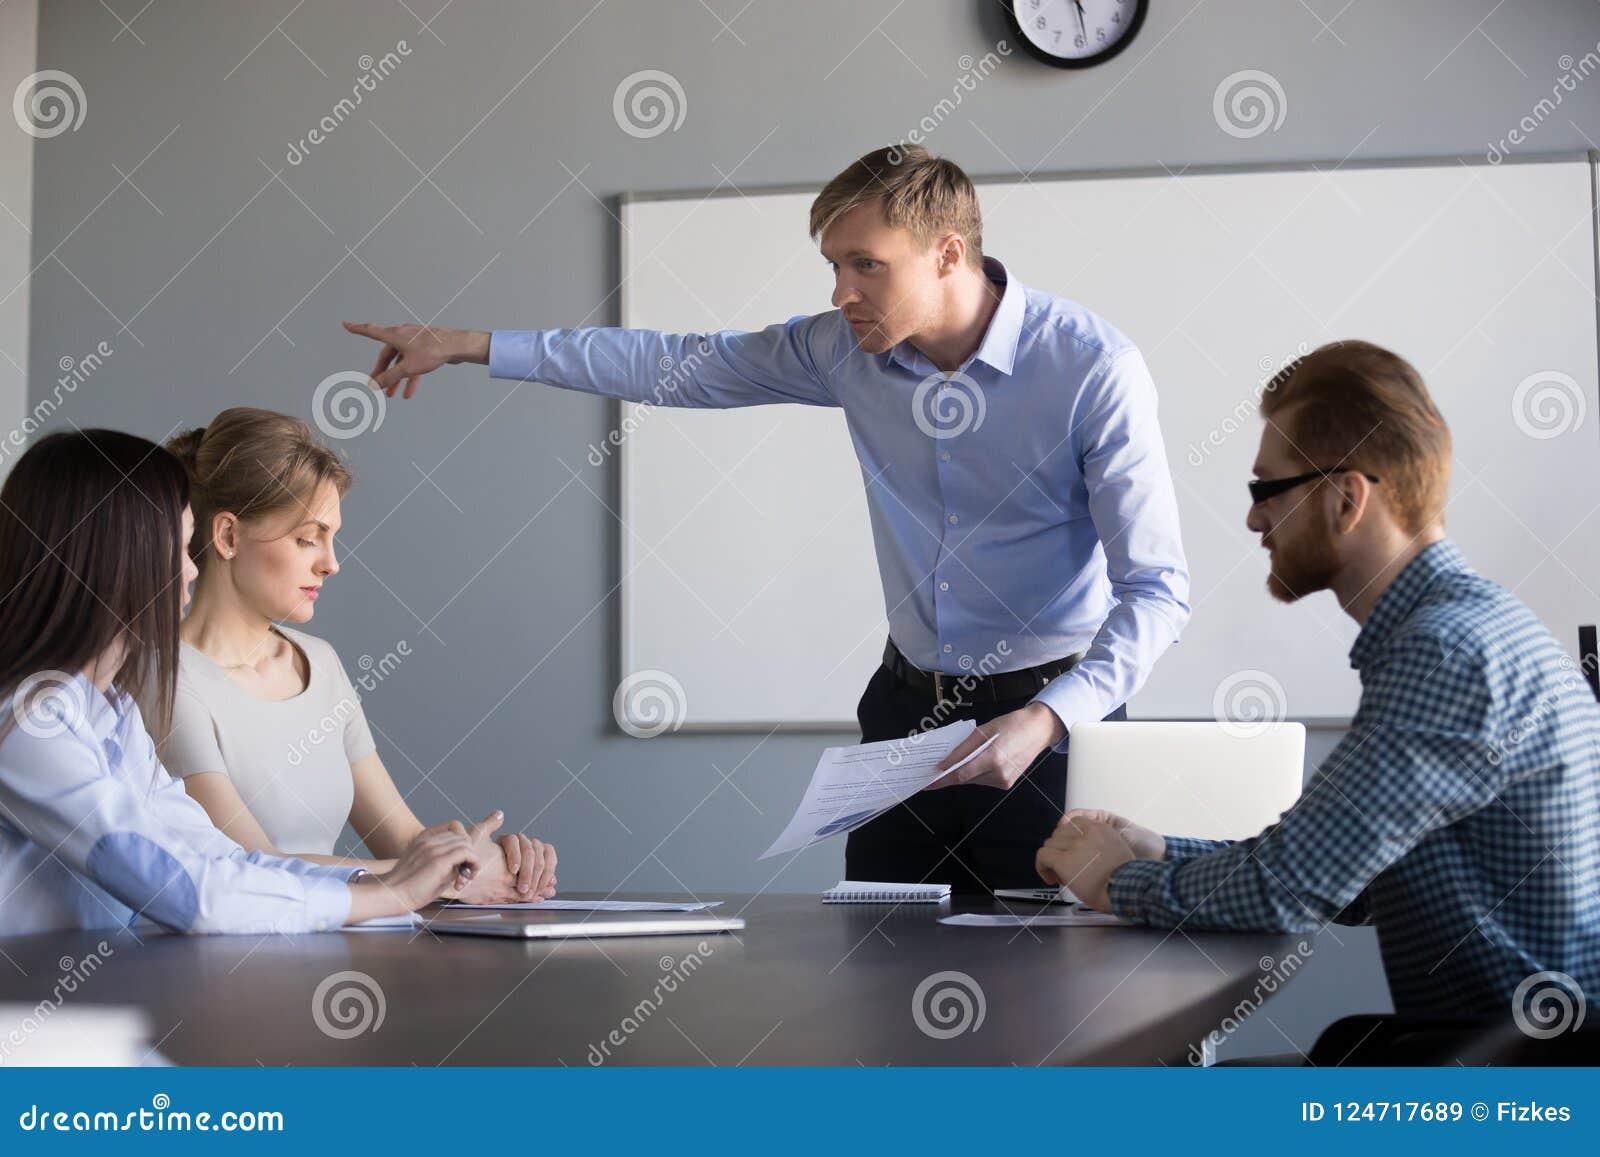 疯狂的男性ceo要求女工事假公司会议